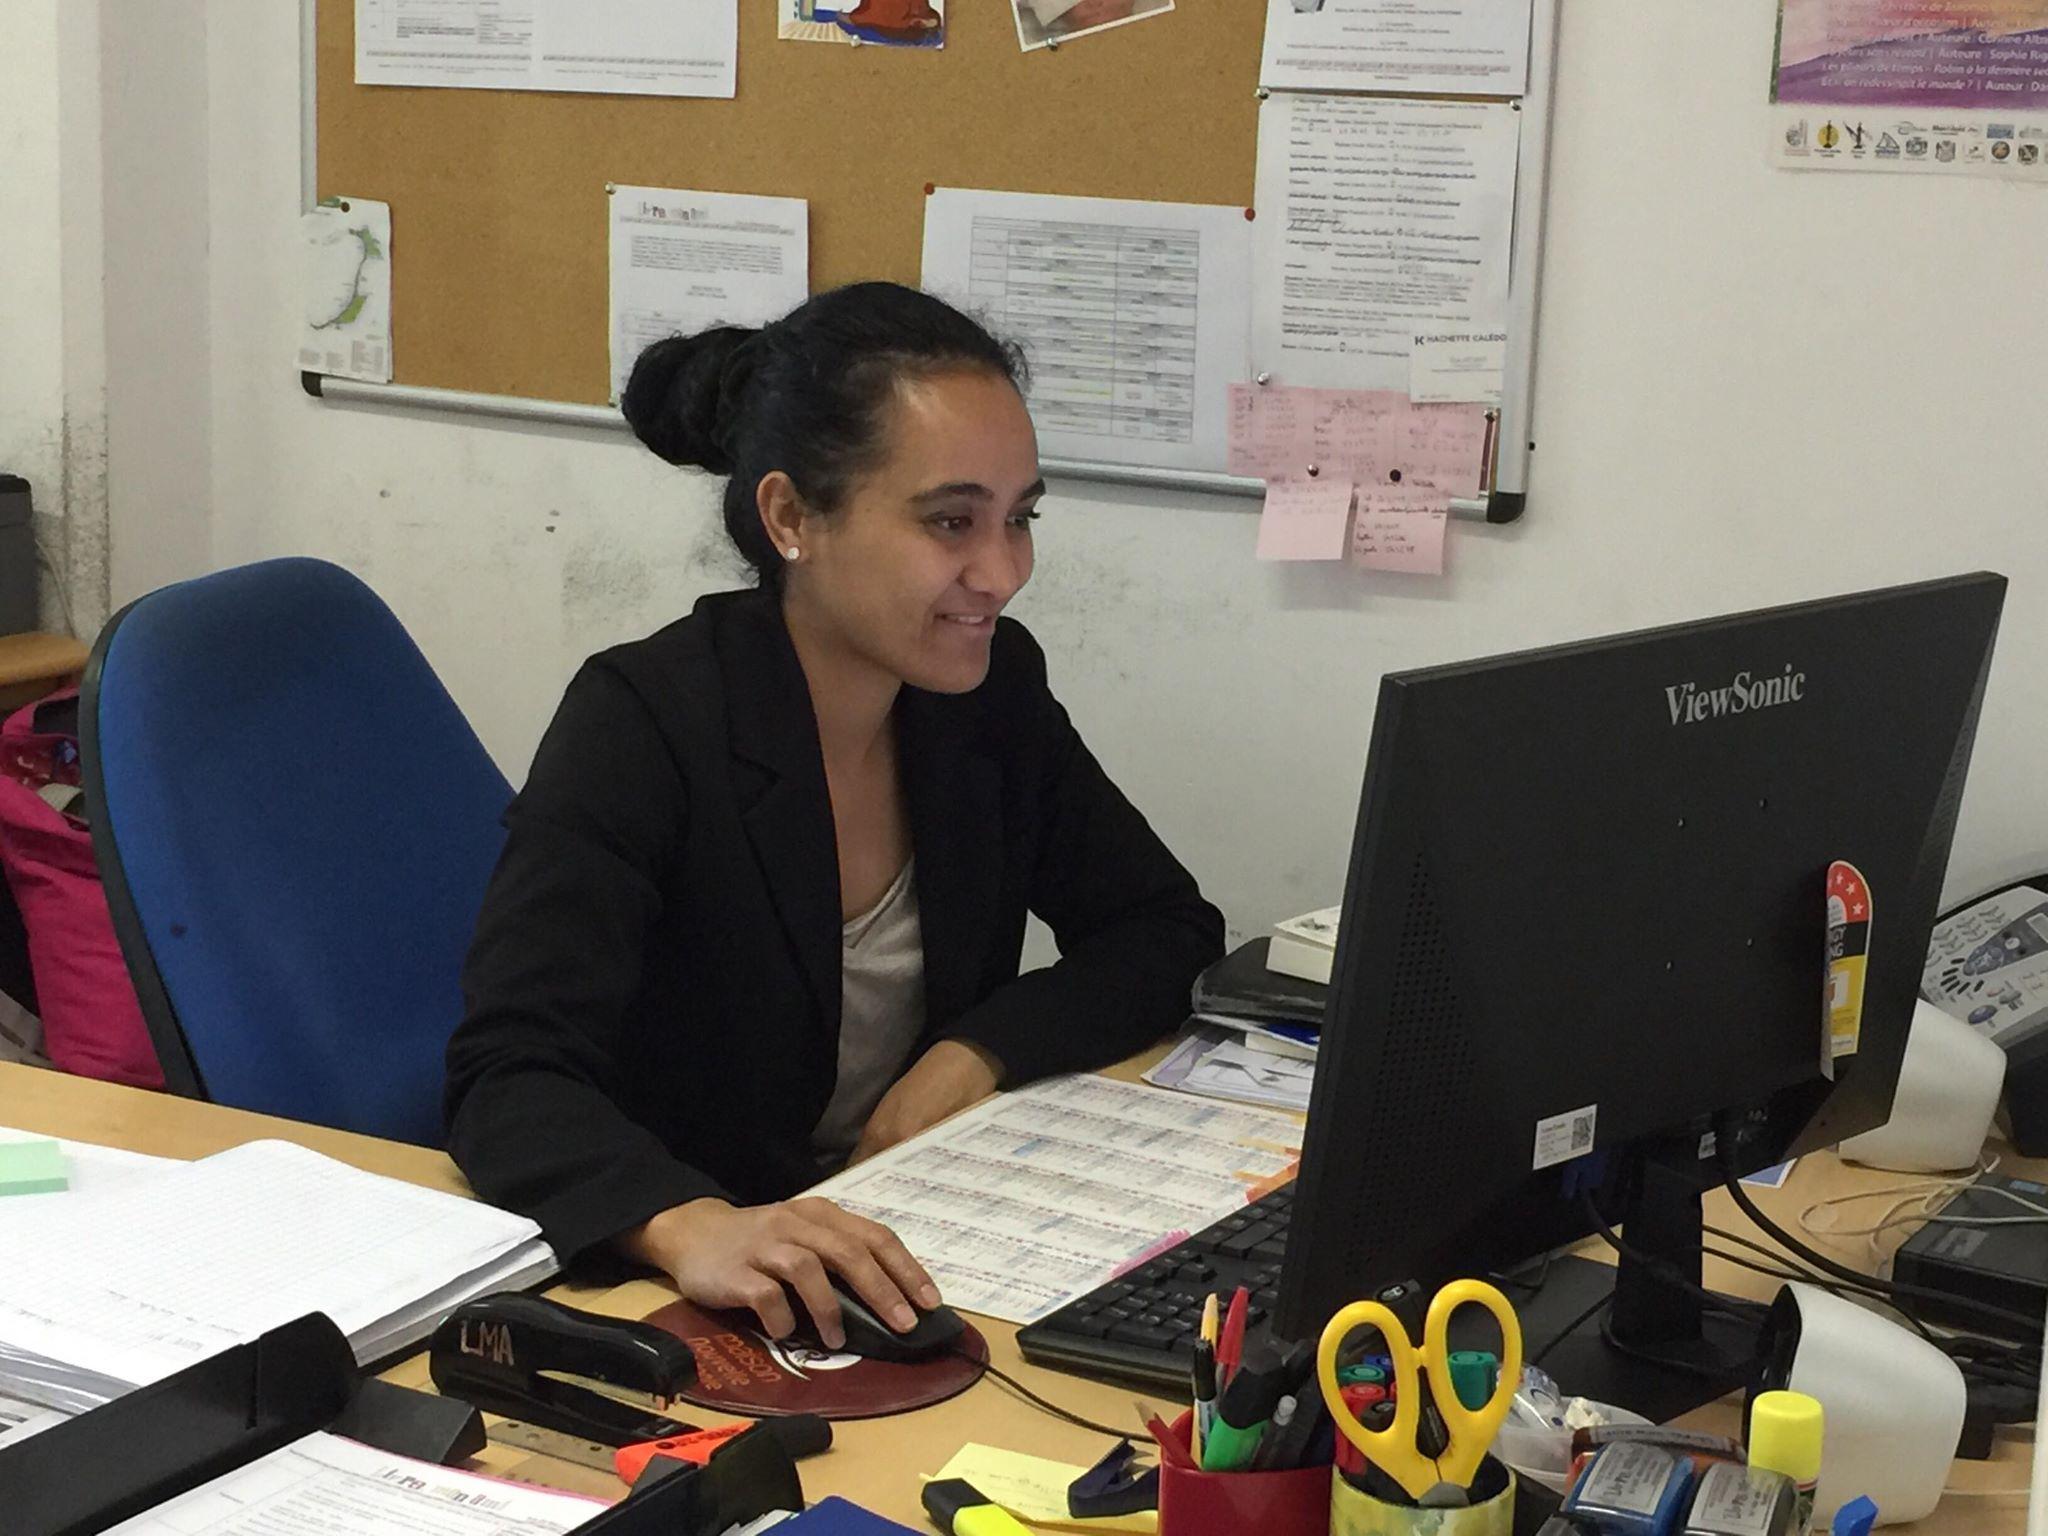 Vaïana, secrétaire de Livre, Mon Ami, rédige le communiqué de presse